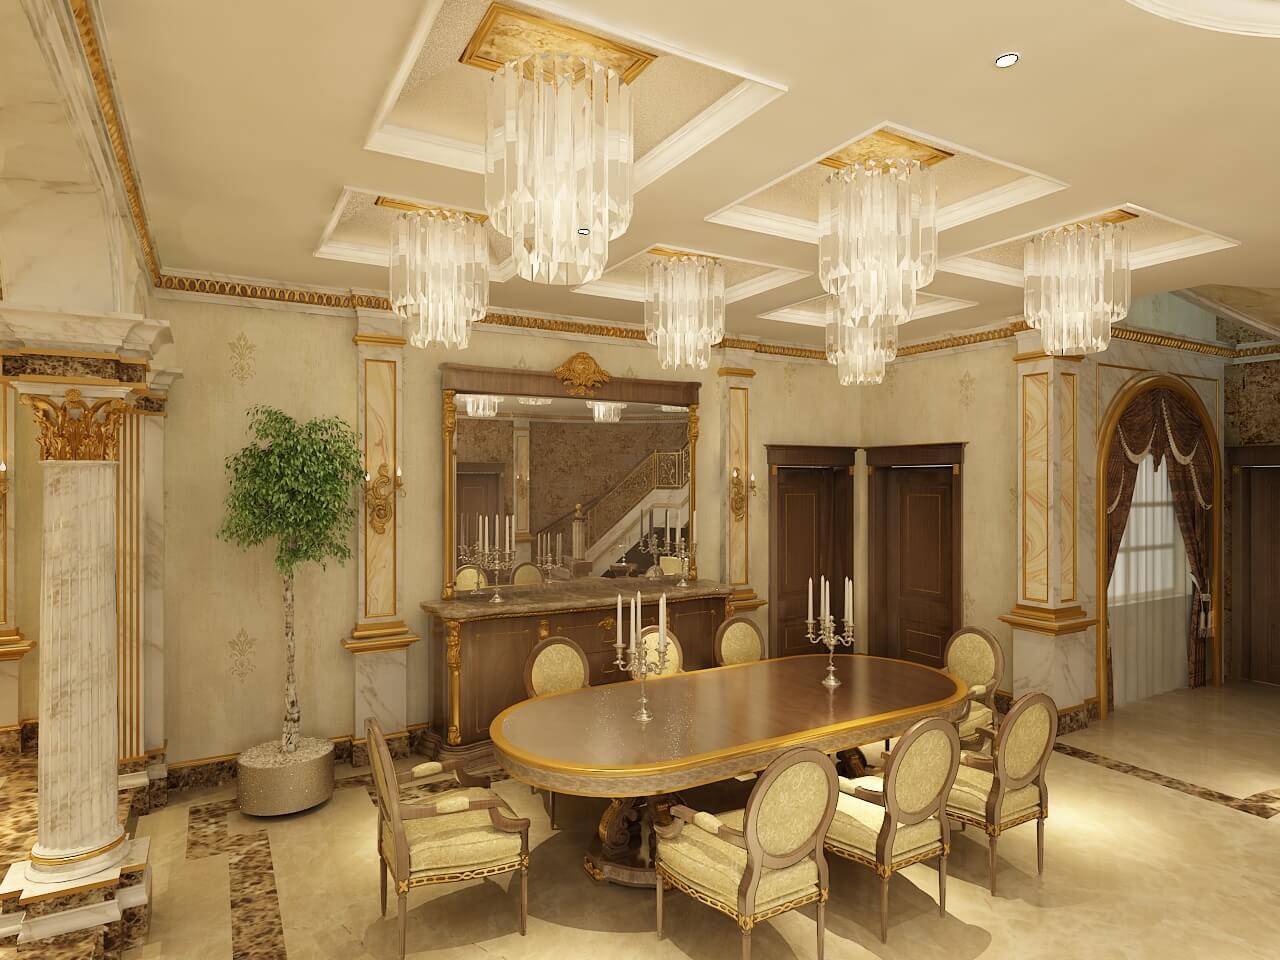 Private Villa, Emirates Hills - 5